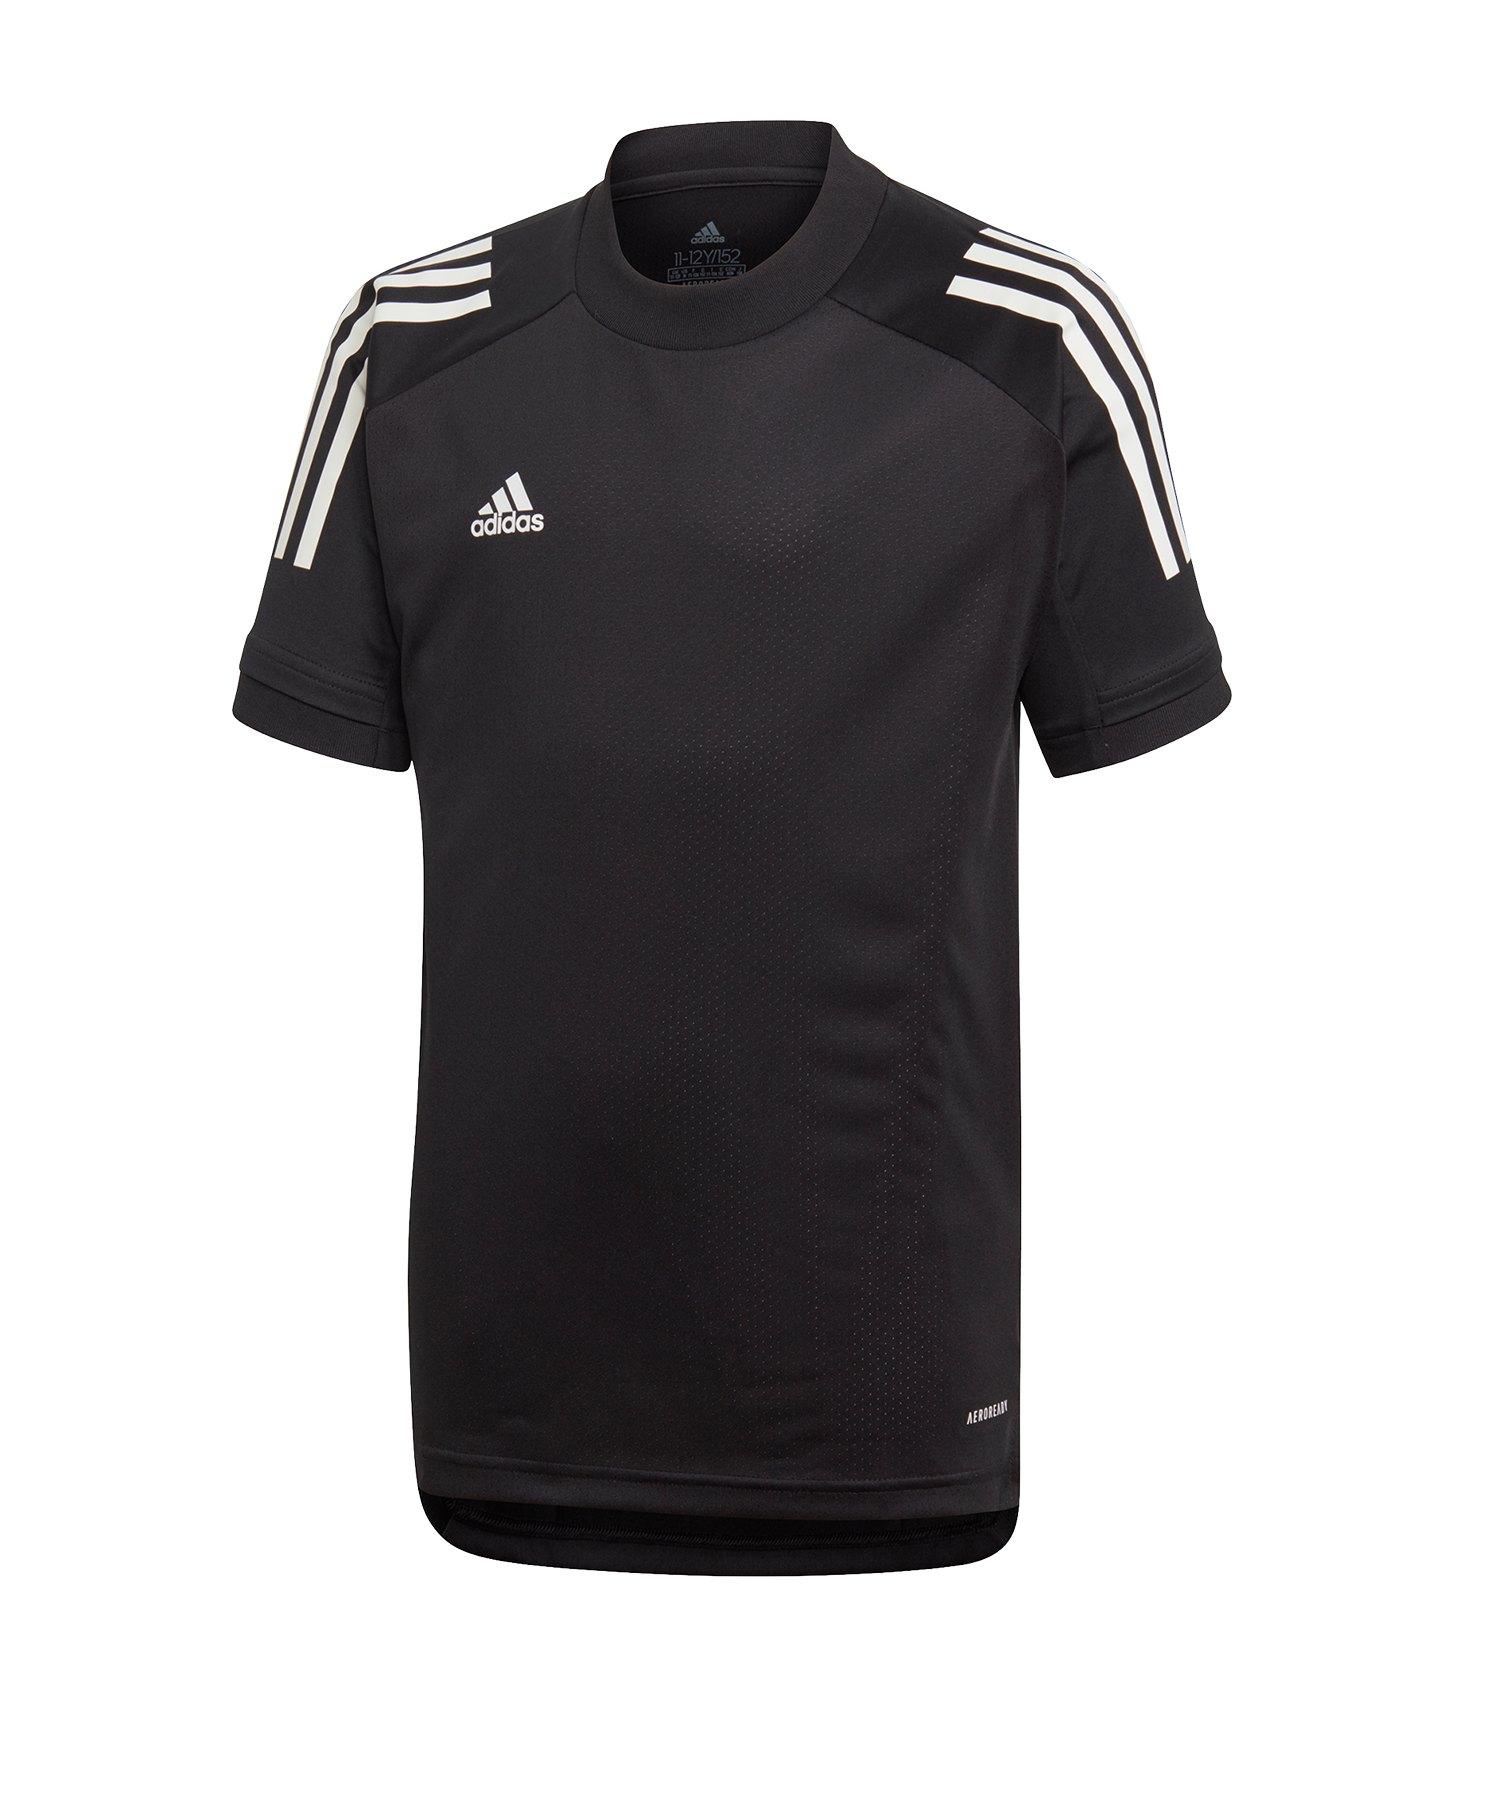 adidas Condivo 20 Trainingsshirt Kids Schwarz - schwarz